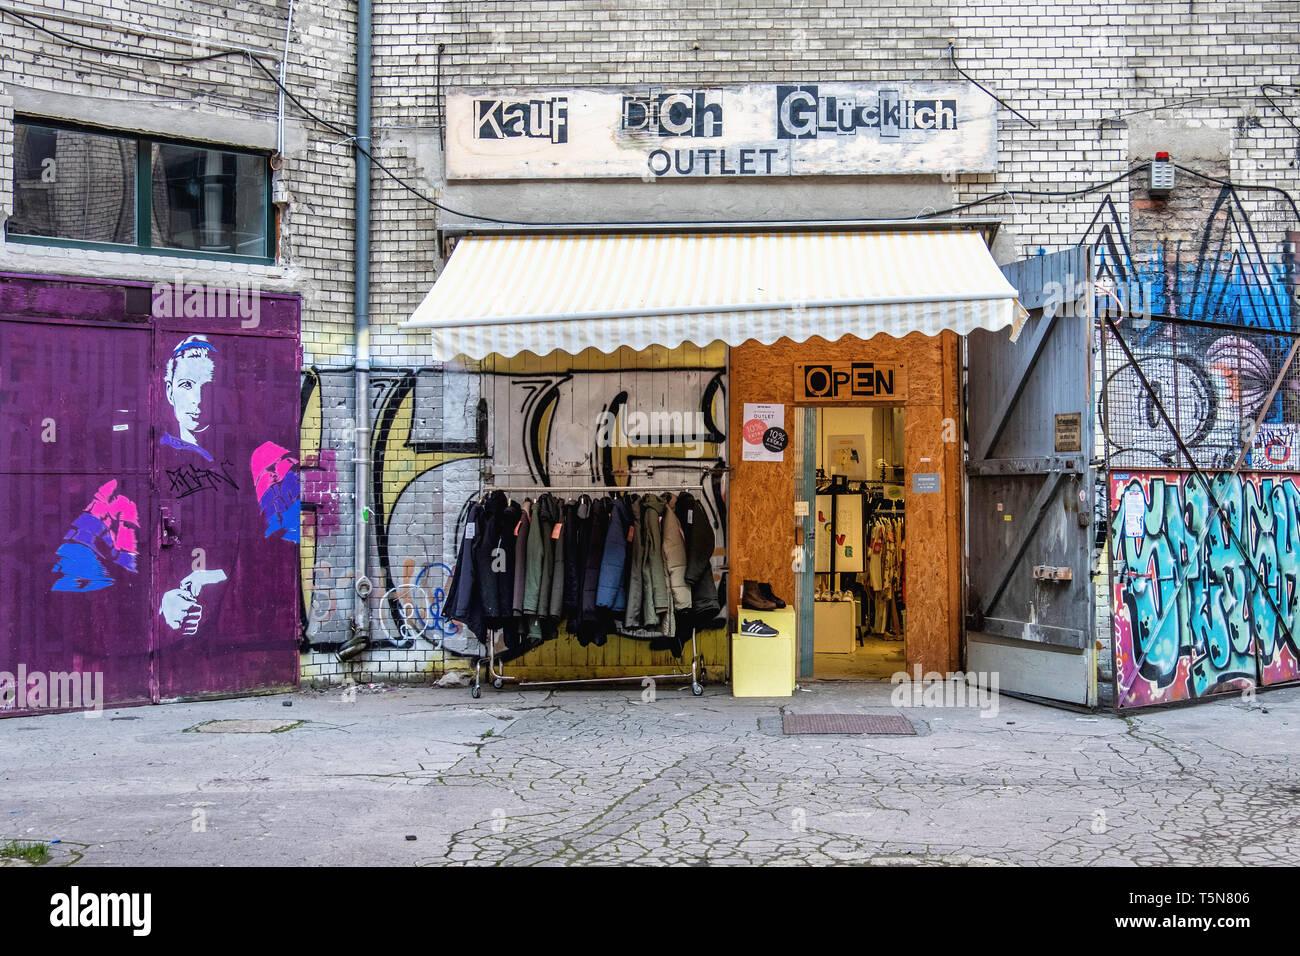 Mariage, Berlin. kauf dich glücklich clothes shop & fashion outlet dans la cour intérieure de l'ancien bâtiment industriel délabré à Gerichtstrasse 23. Banque D'Images